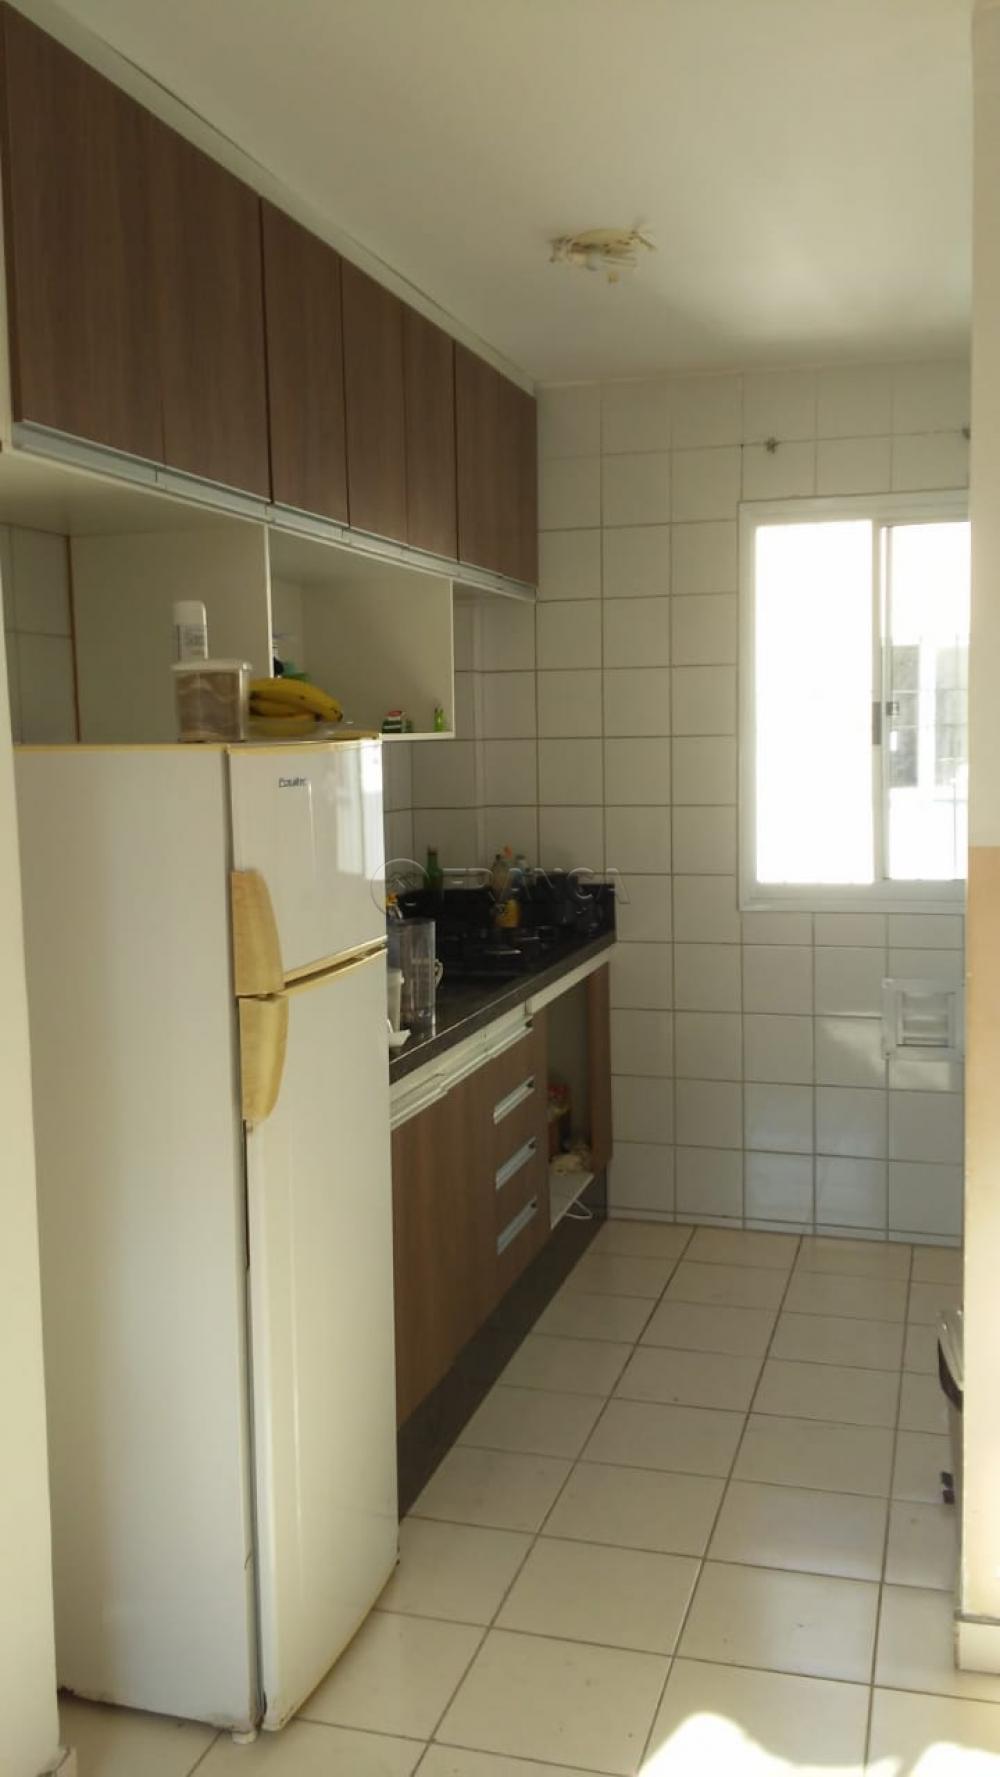 Comprar Apartamento / Padrão em São José dos Campos apenas R$ 118.000,00 - Foto 1